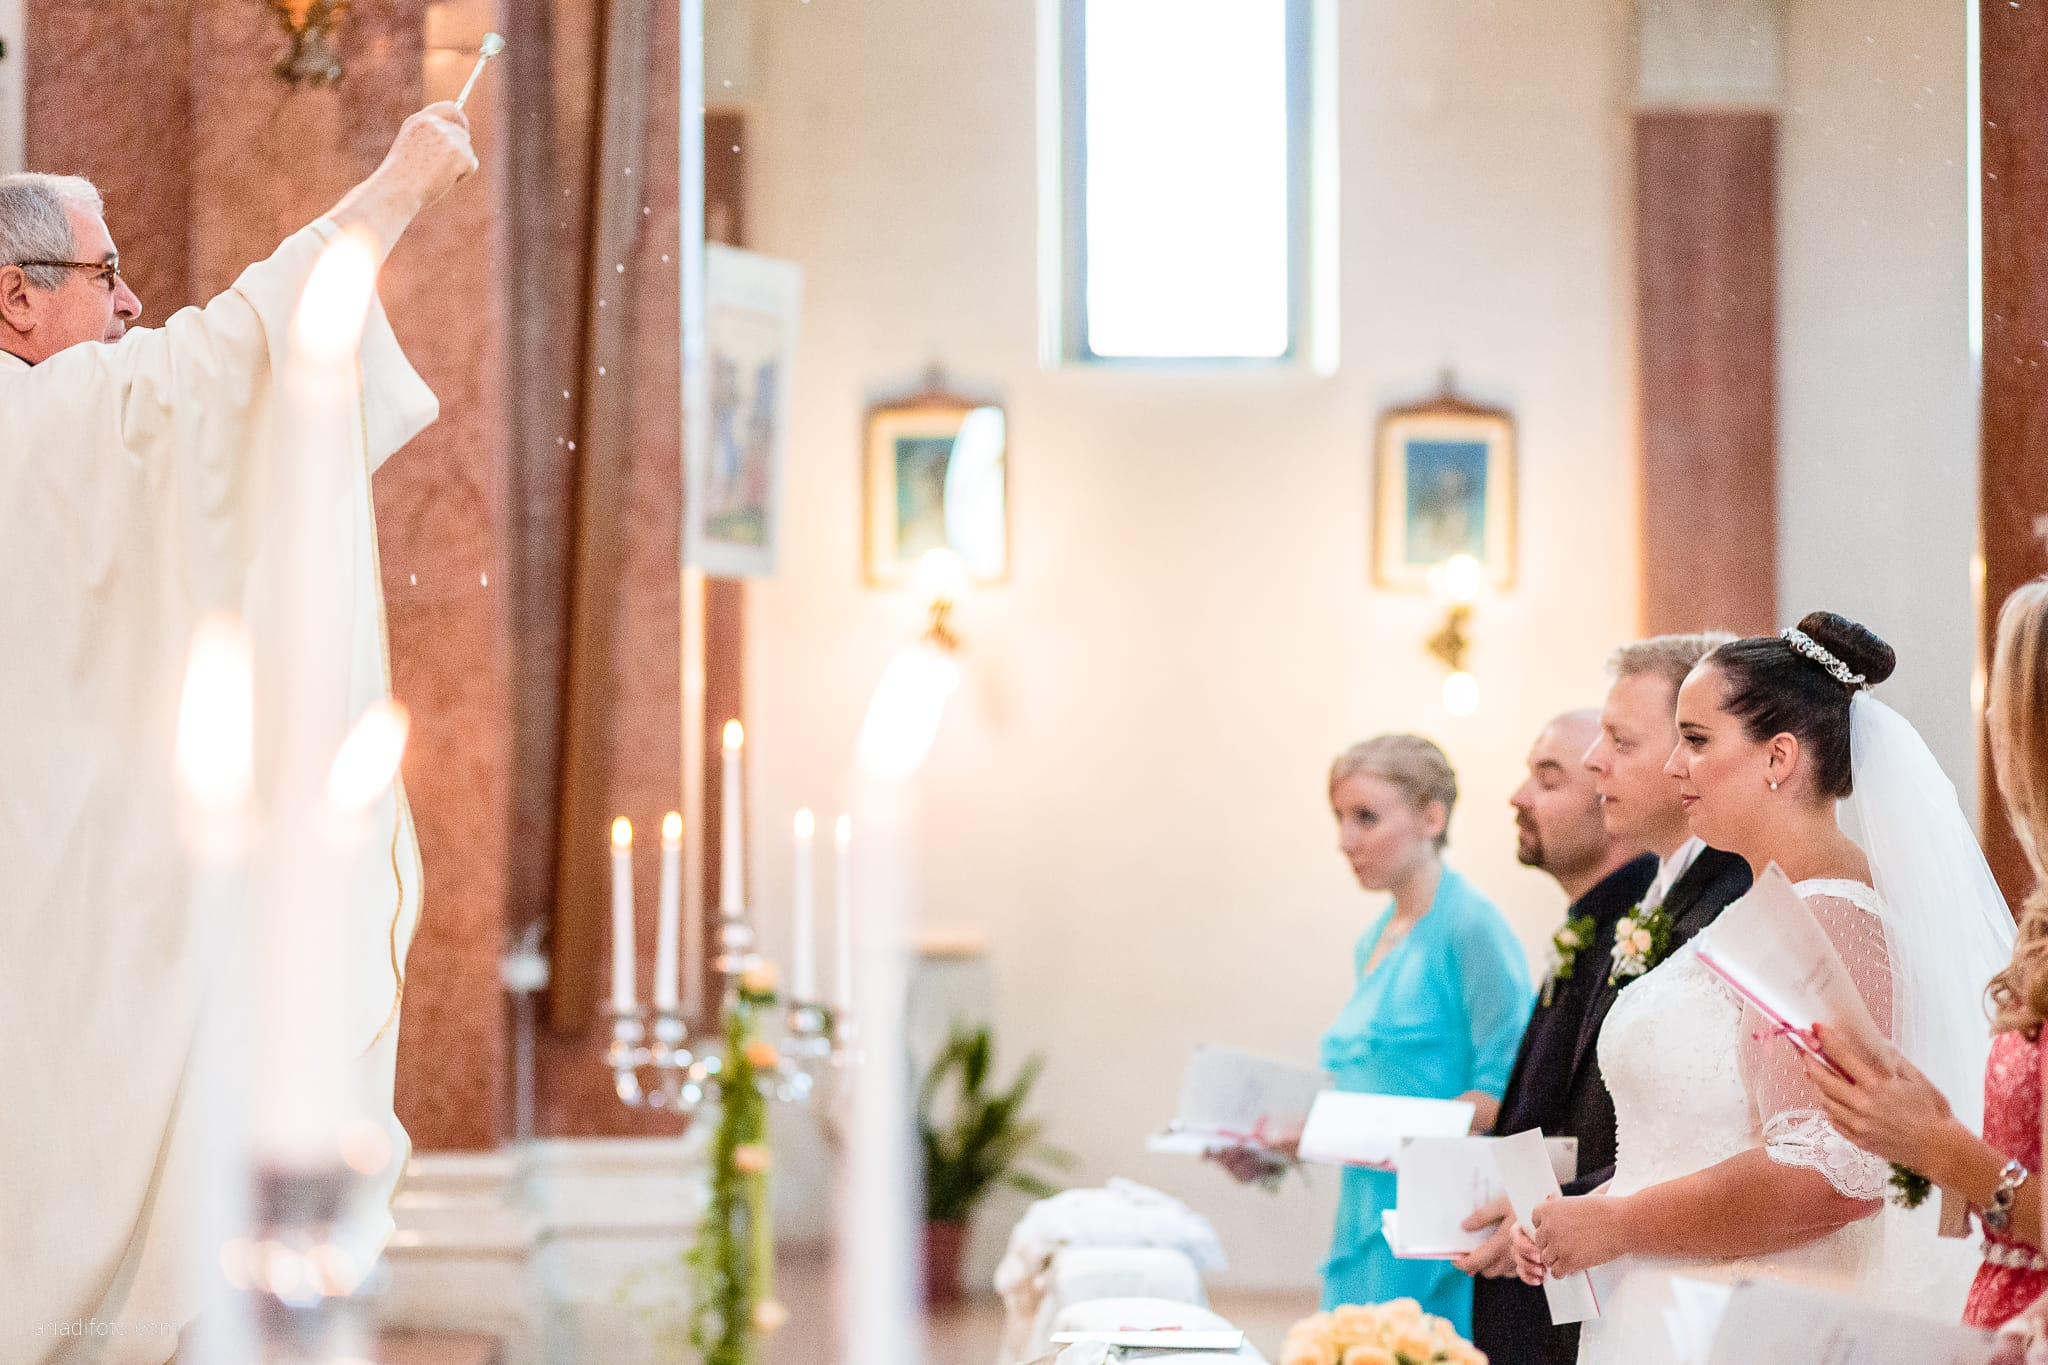 Eleonora Andrea Matrimonio Chiesa San Tiziano Vescovo Francenigo di Gaiarine Castello Papadopoli Giol San Polo Piave Treviso cerimonia benedizione